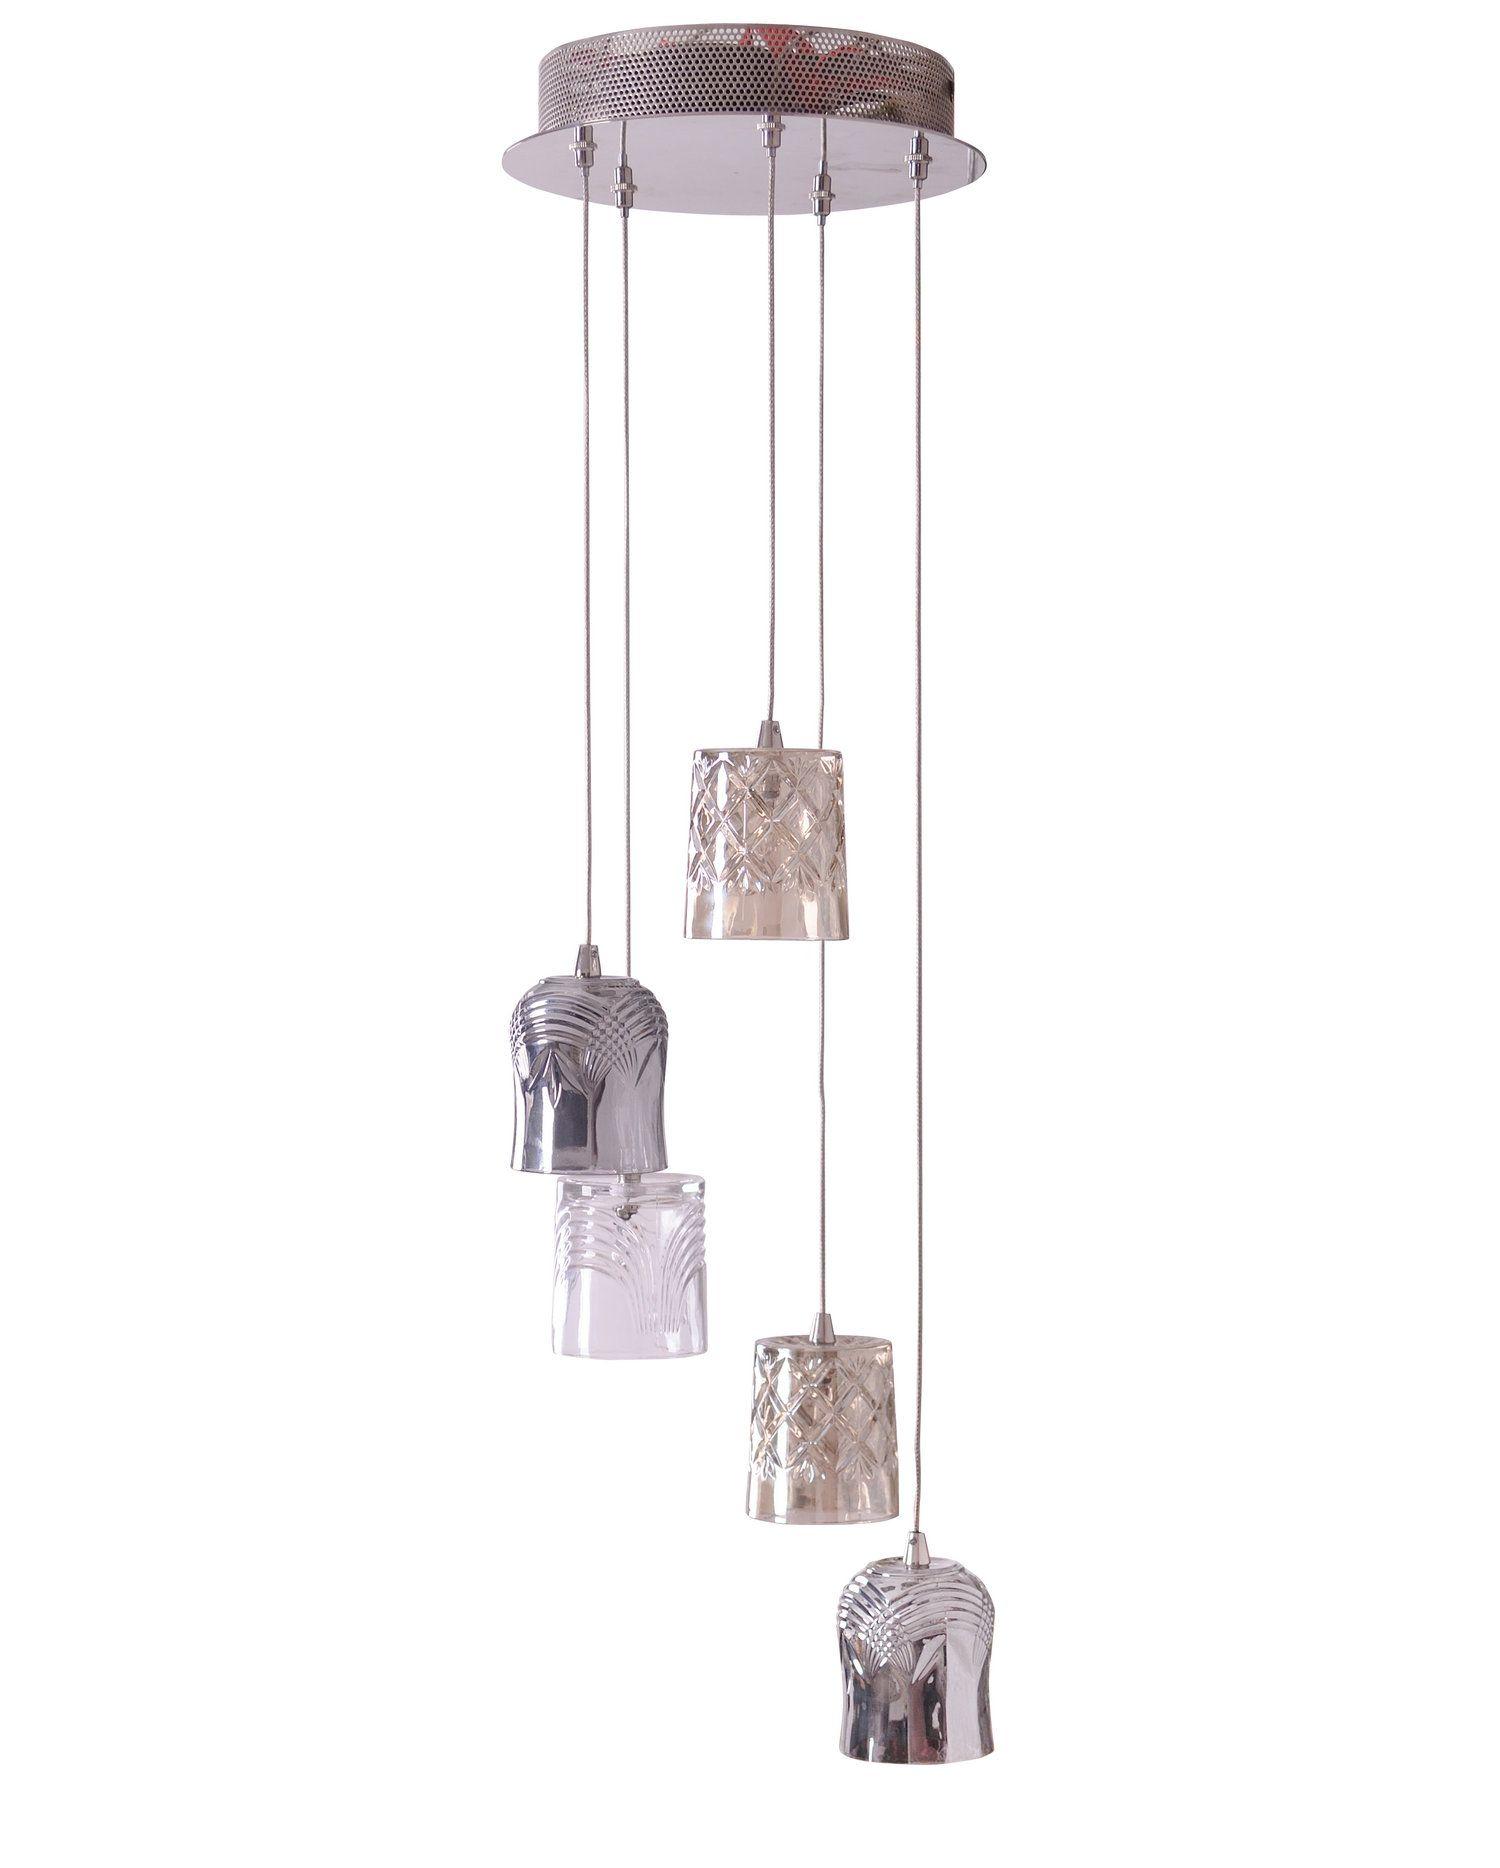 Brogo Cer Nickel Effect 5 Lamp Pendant Ceiling Light